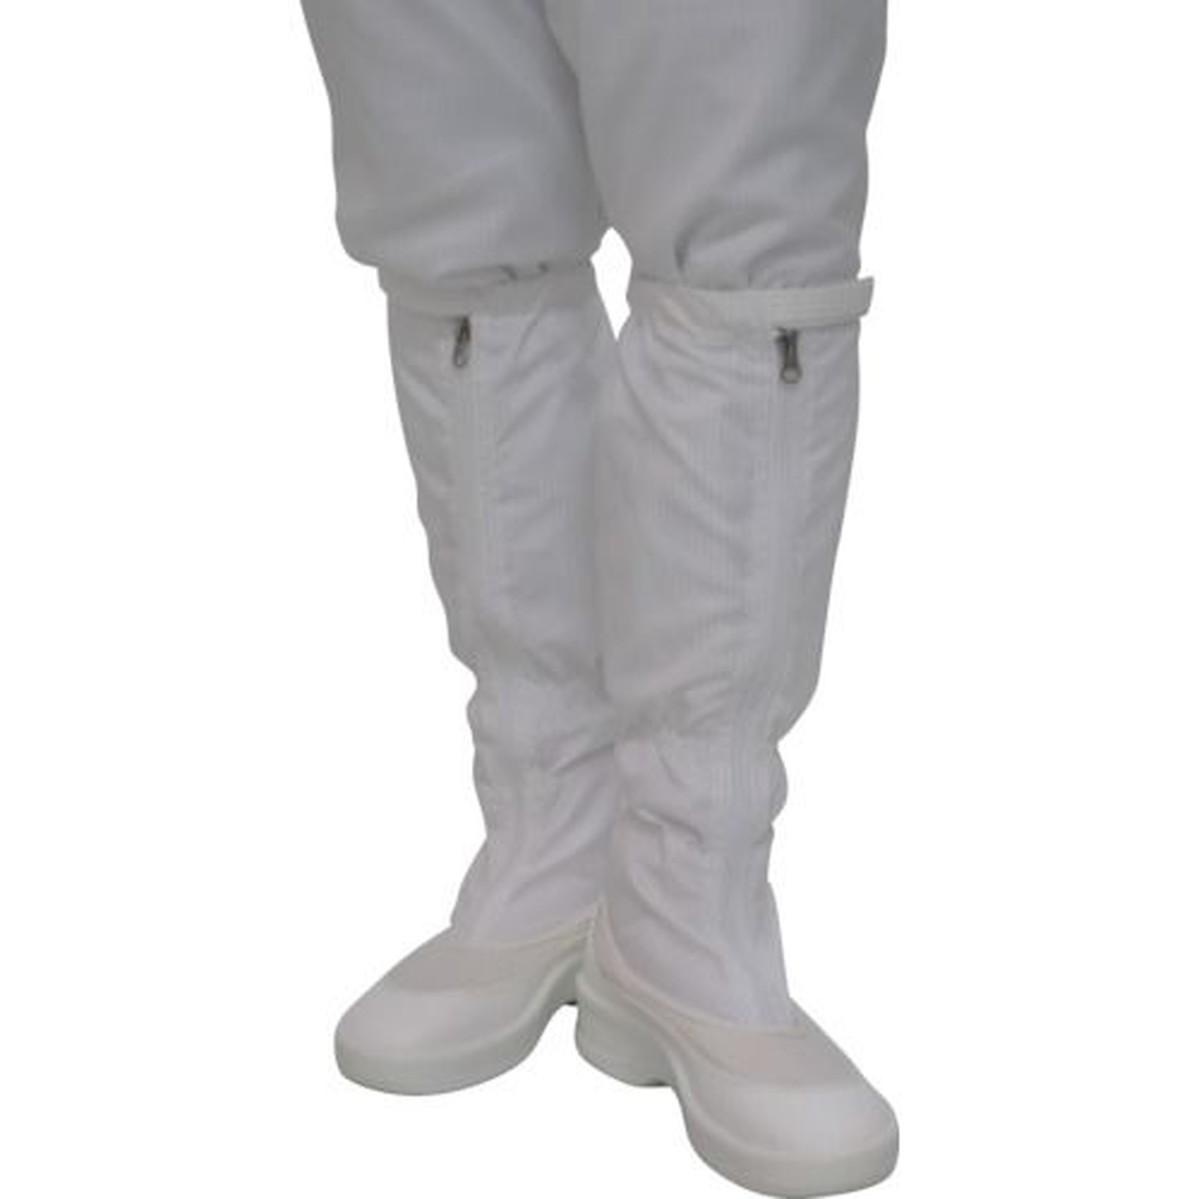 あす楽対応 DIY用品 ゴールドウイン ファスナー付ロングブーツ 25.0cm ホワイト 日本未発売 1足 春の新作